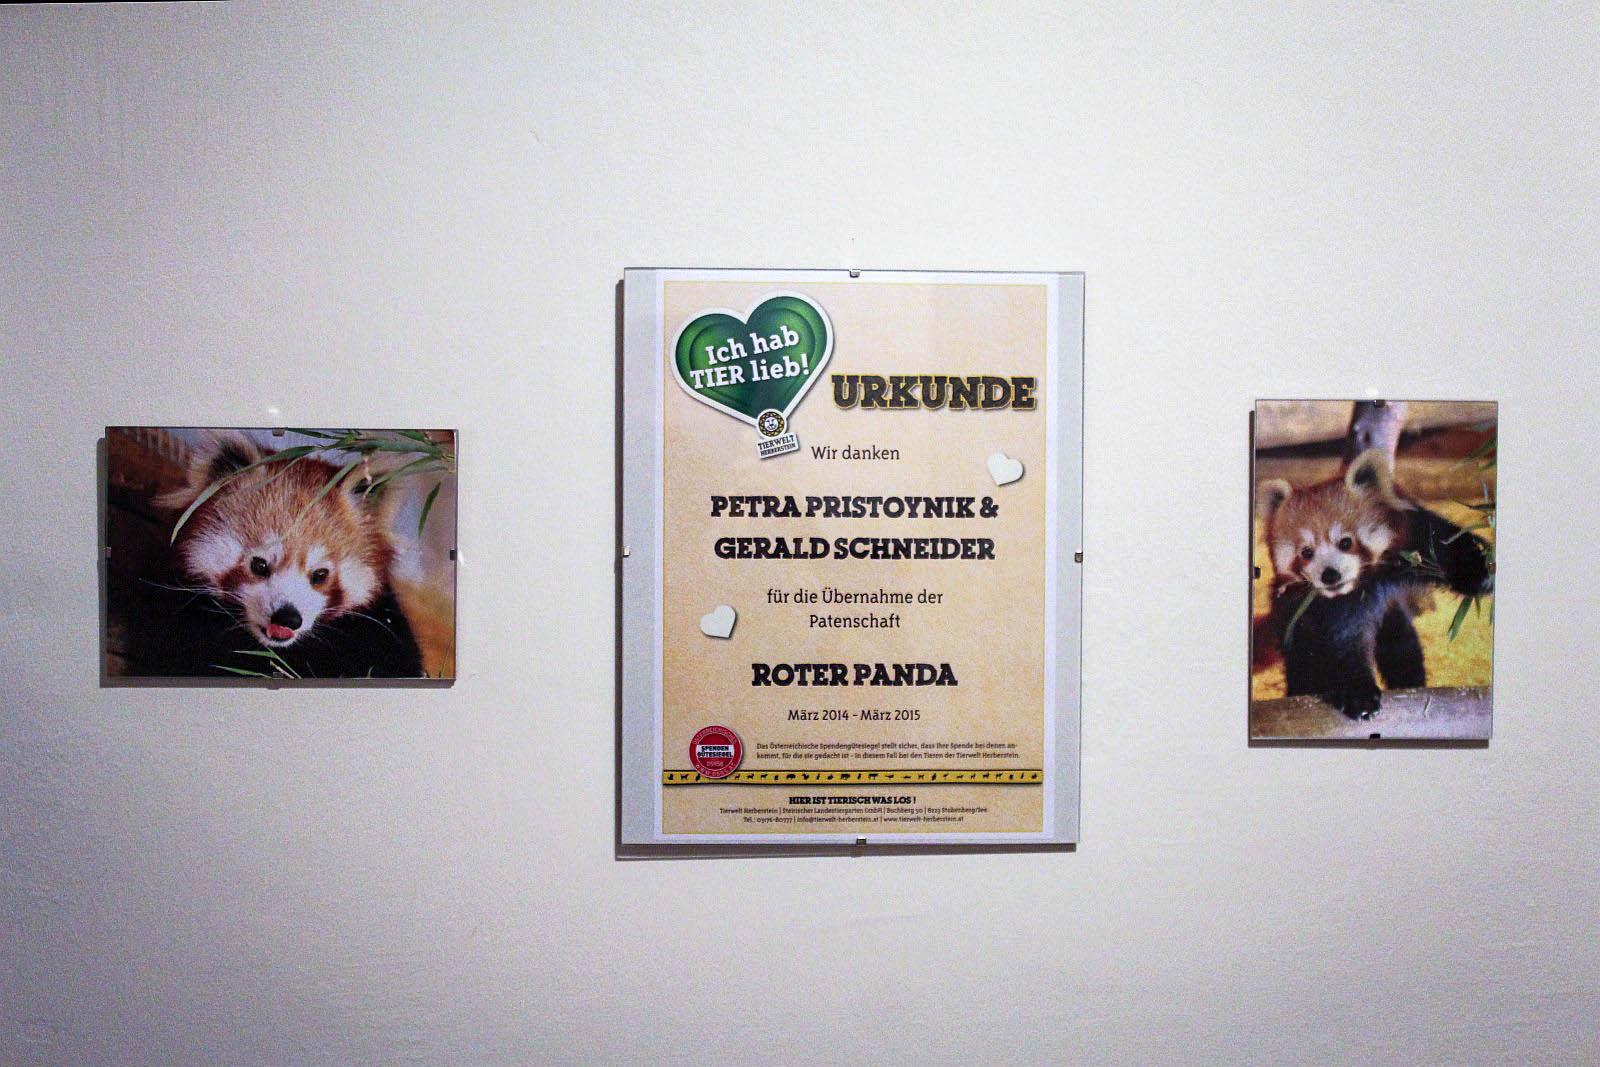 Patenschaft Roter Panda Tierpark Herberstein - Patenschaft für Roter Panda im Tierpark Herberstein